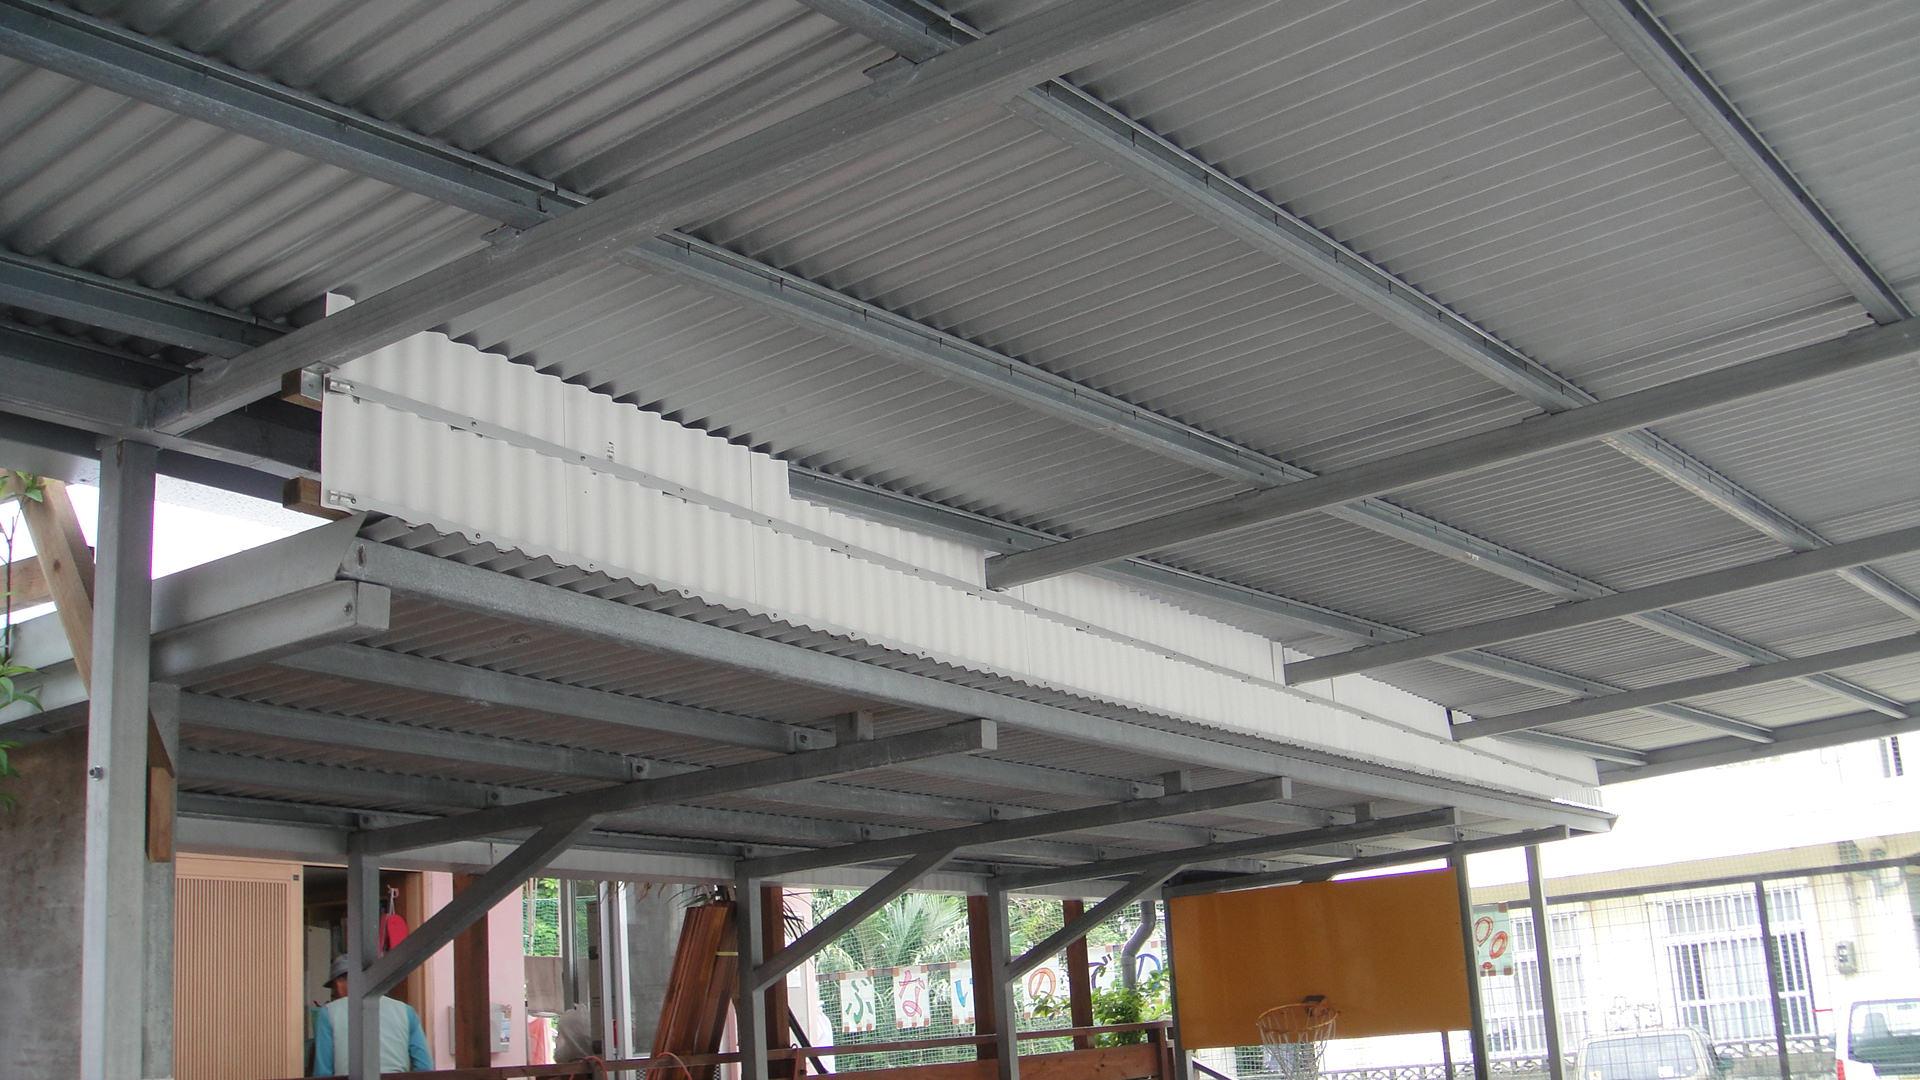 北丘学童の駐車場屋根部のトタン張替え